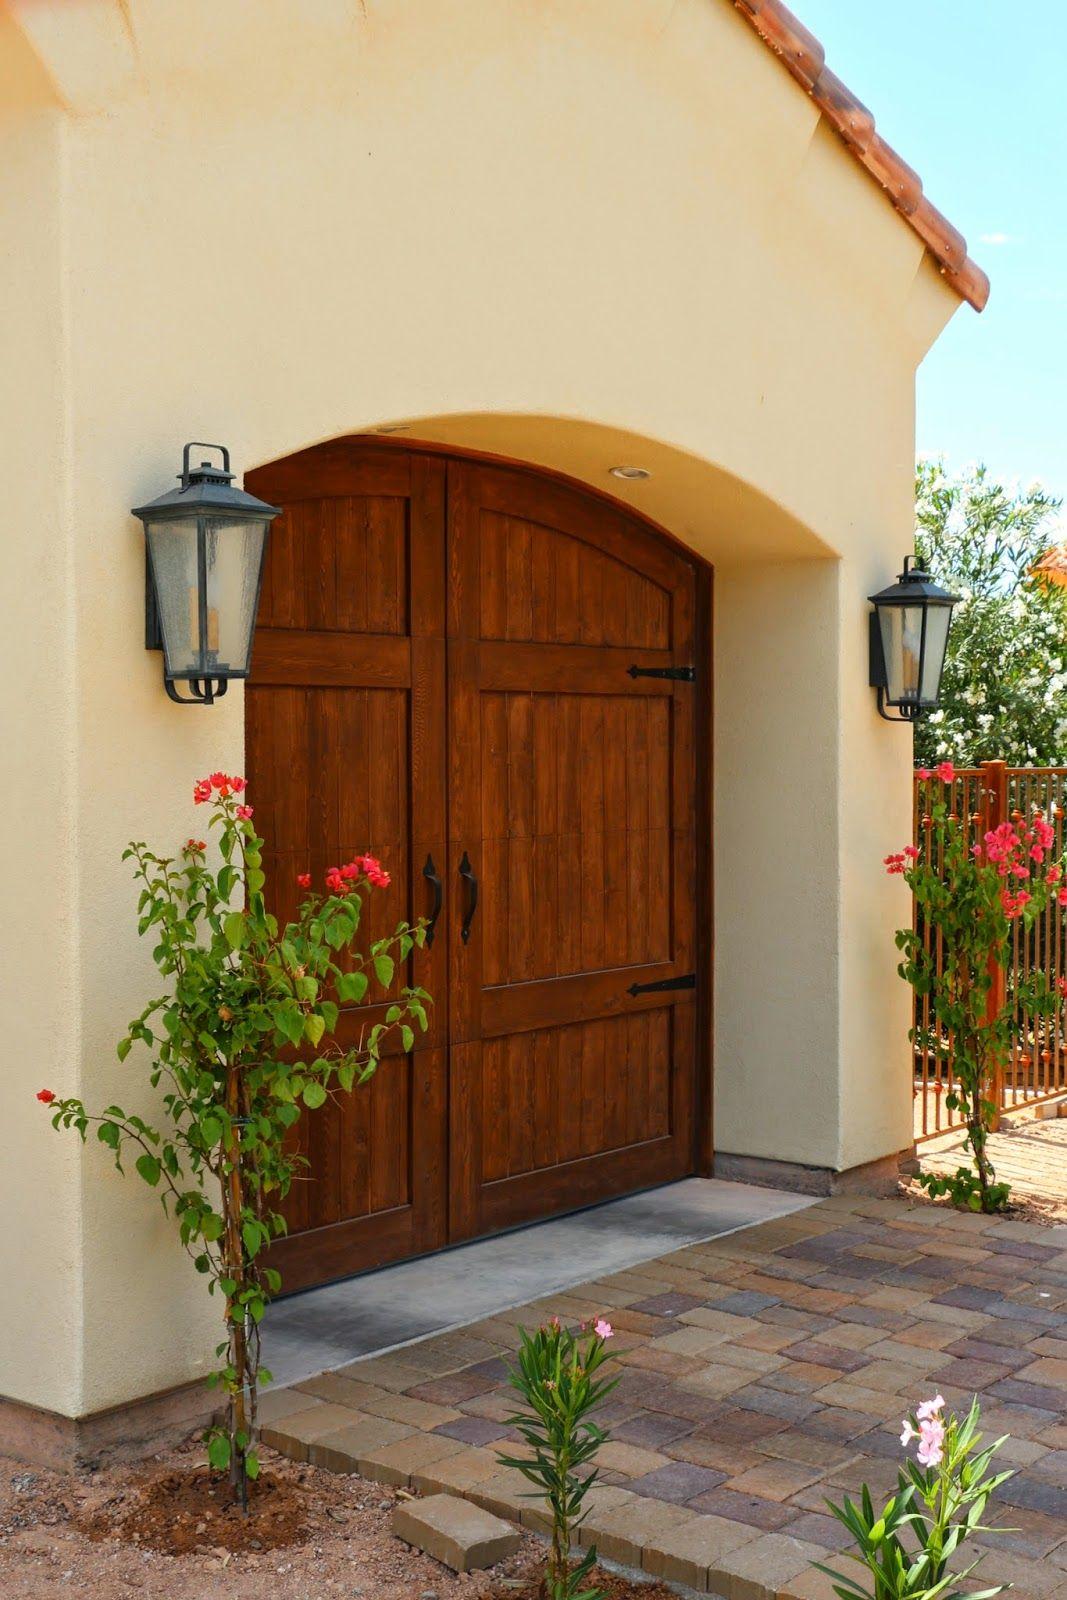 wood carriage garage doors. Wood Garage Doors, Knotty Cedar Roll-up Carriage Doors